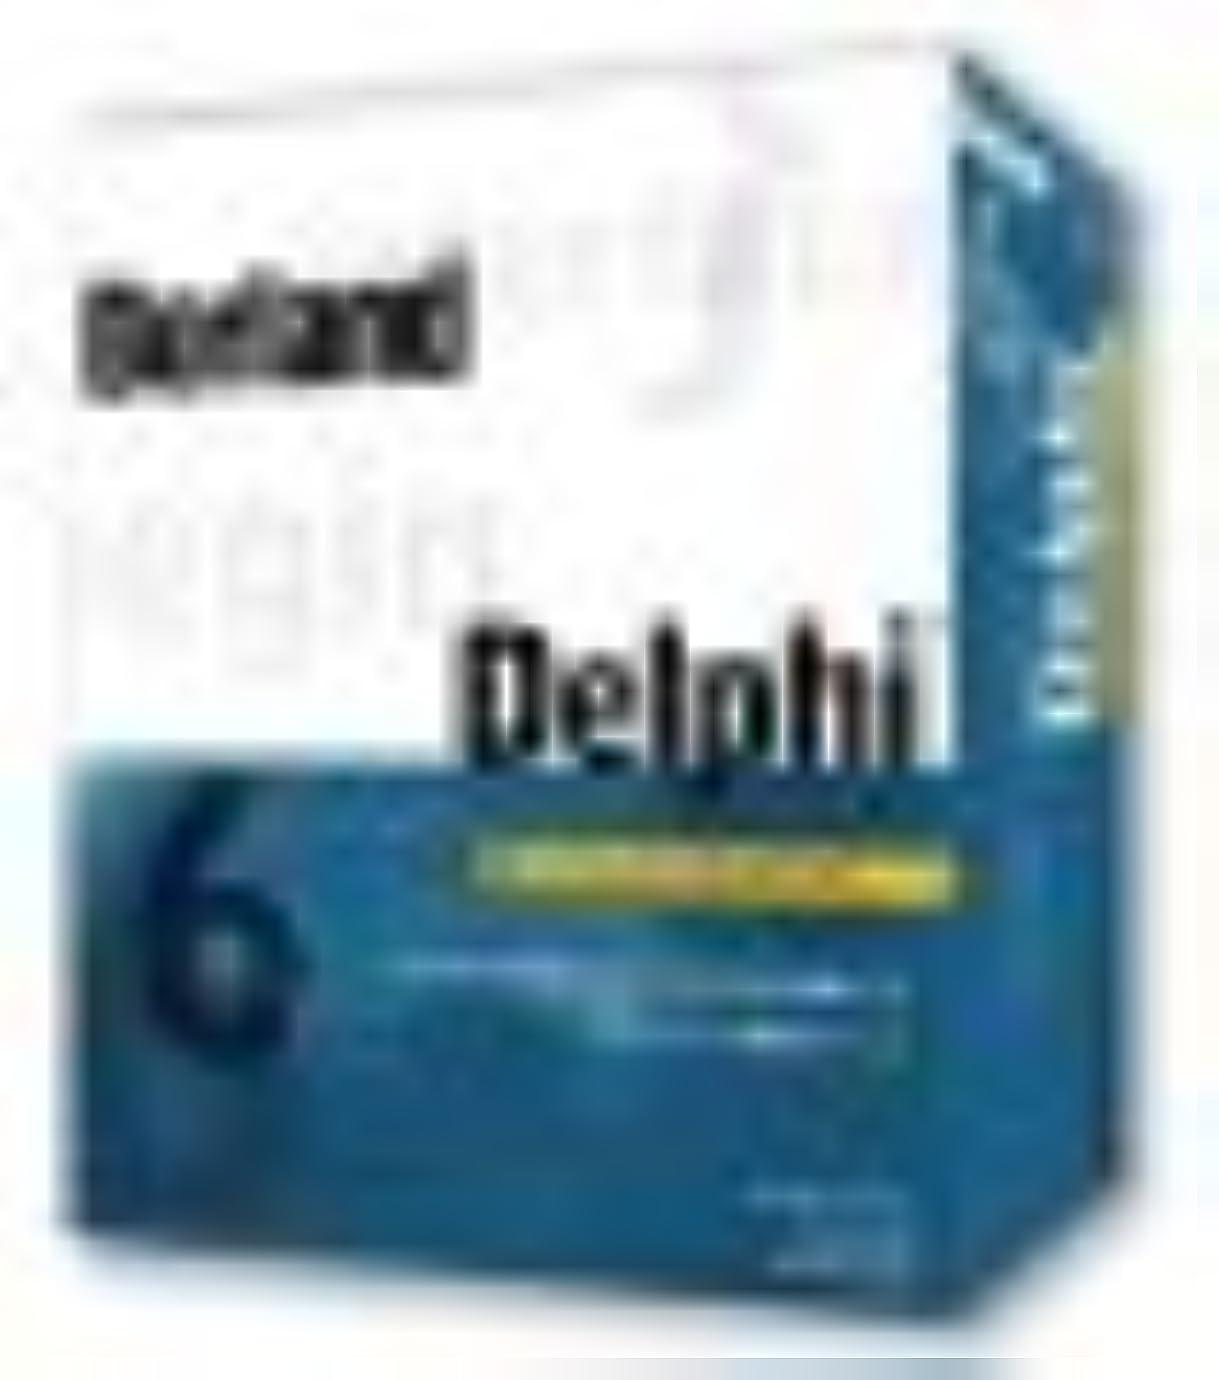 ルート誠実さ受け継ぐBorland Delphi 6 Professional